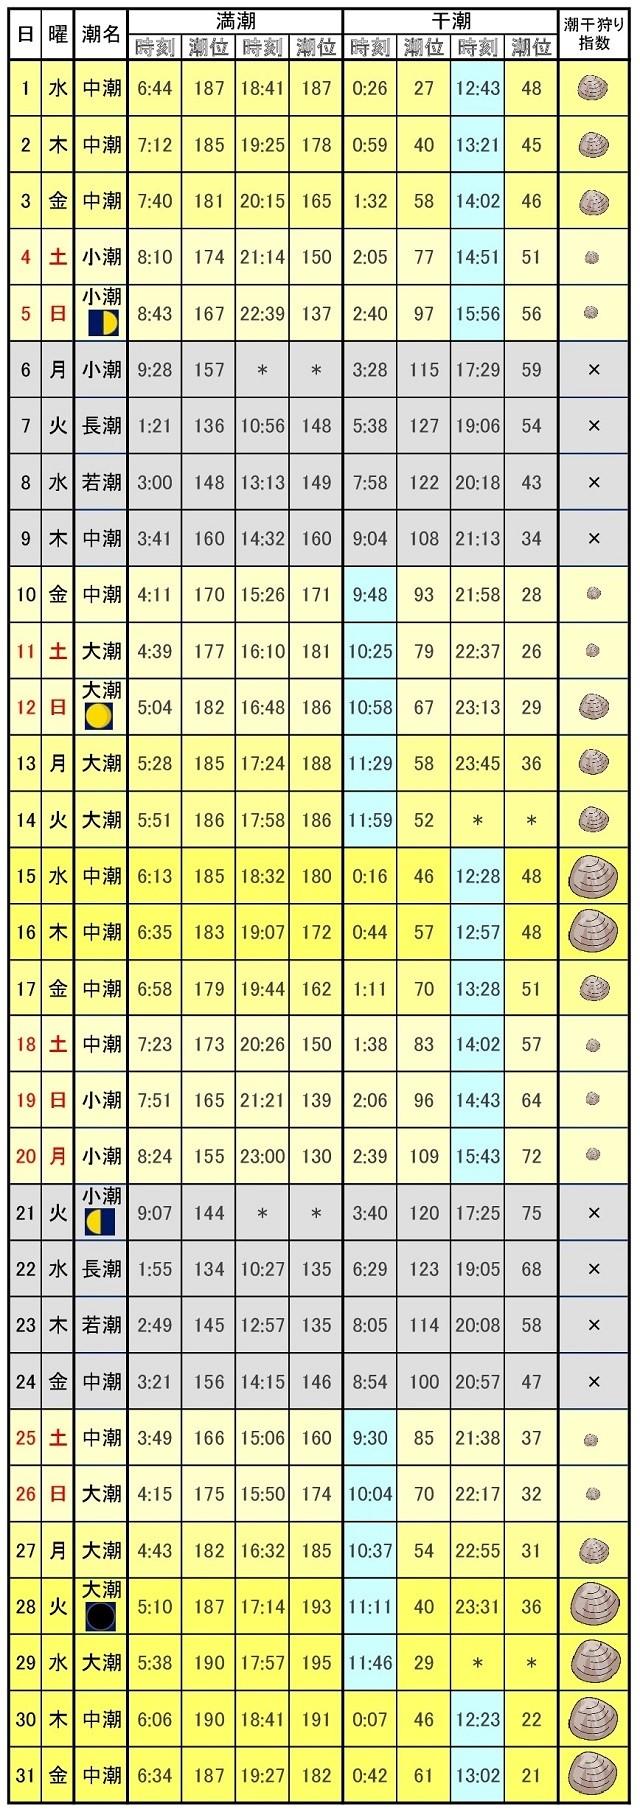 木更津潮干狩りカレンダー2017年3月